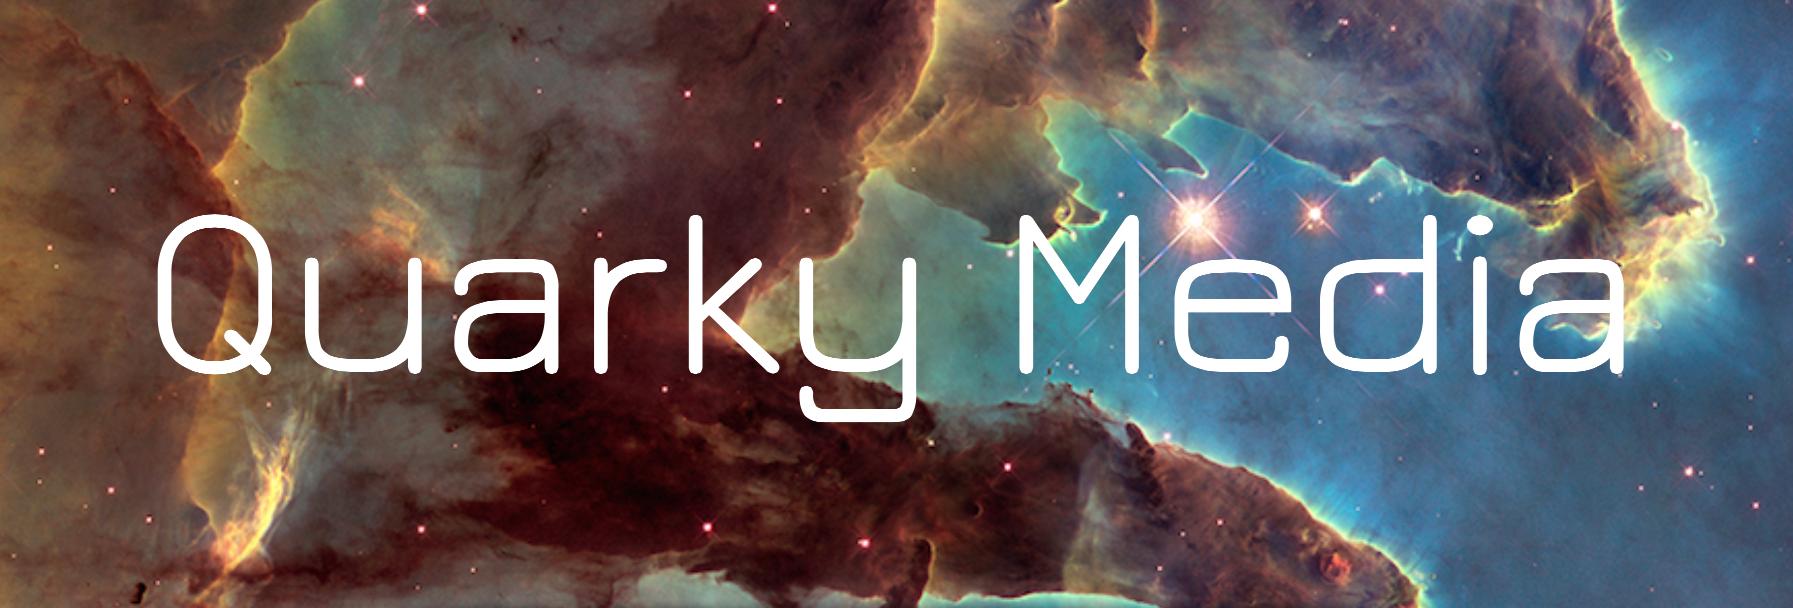 Quarky Media banner